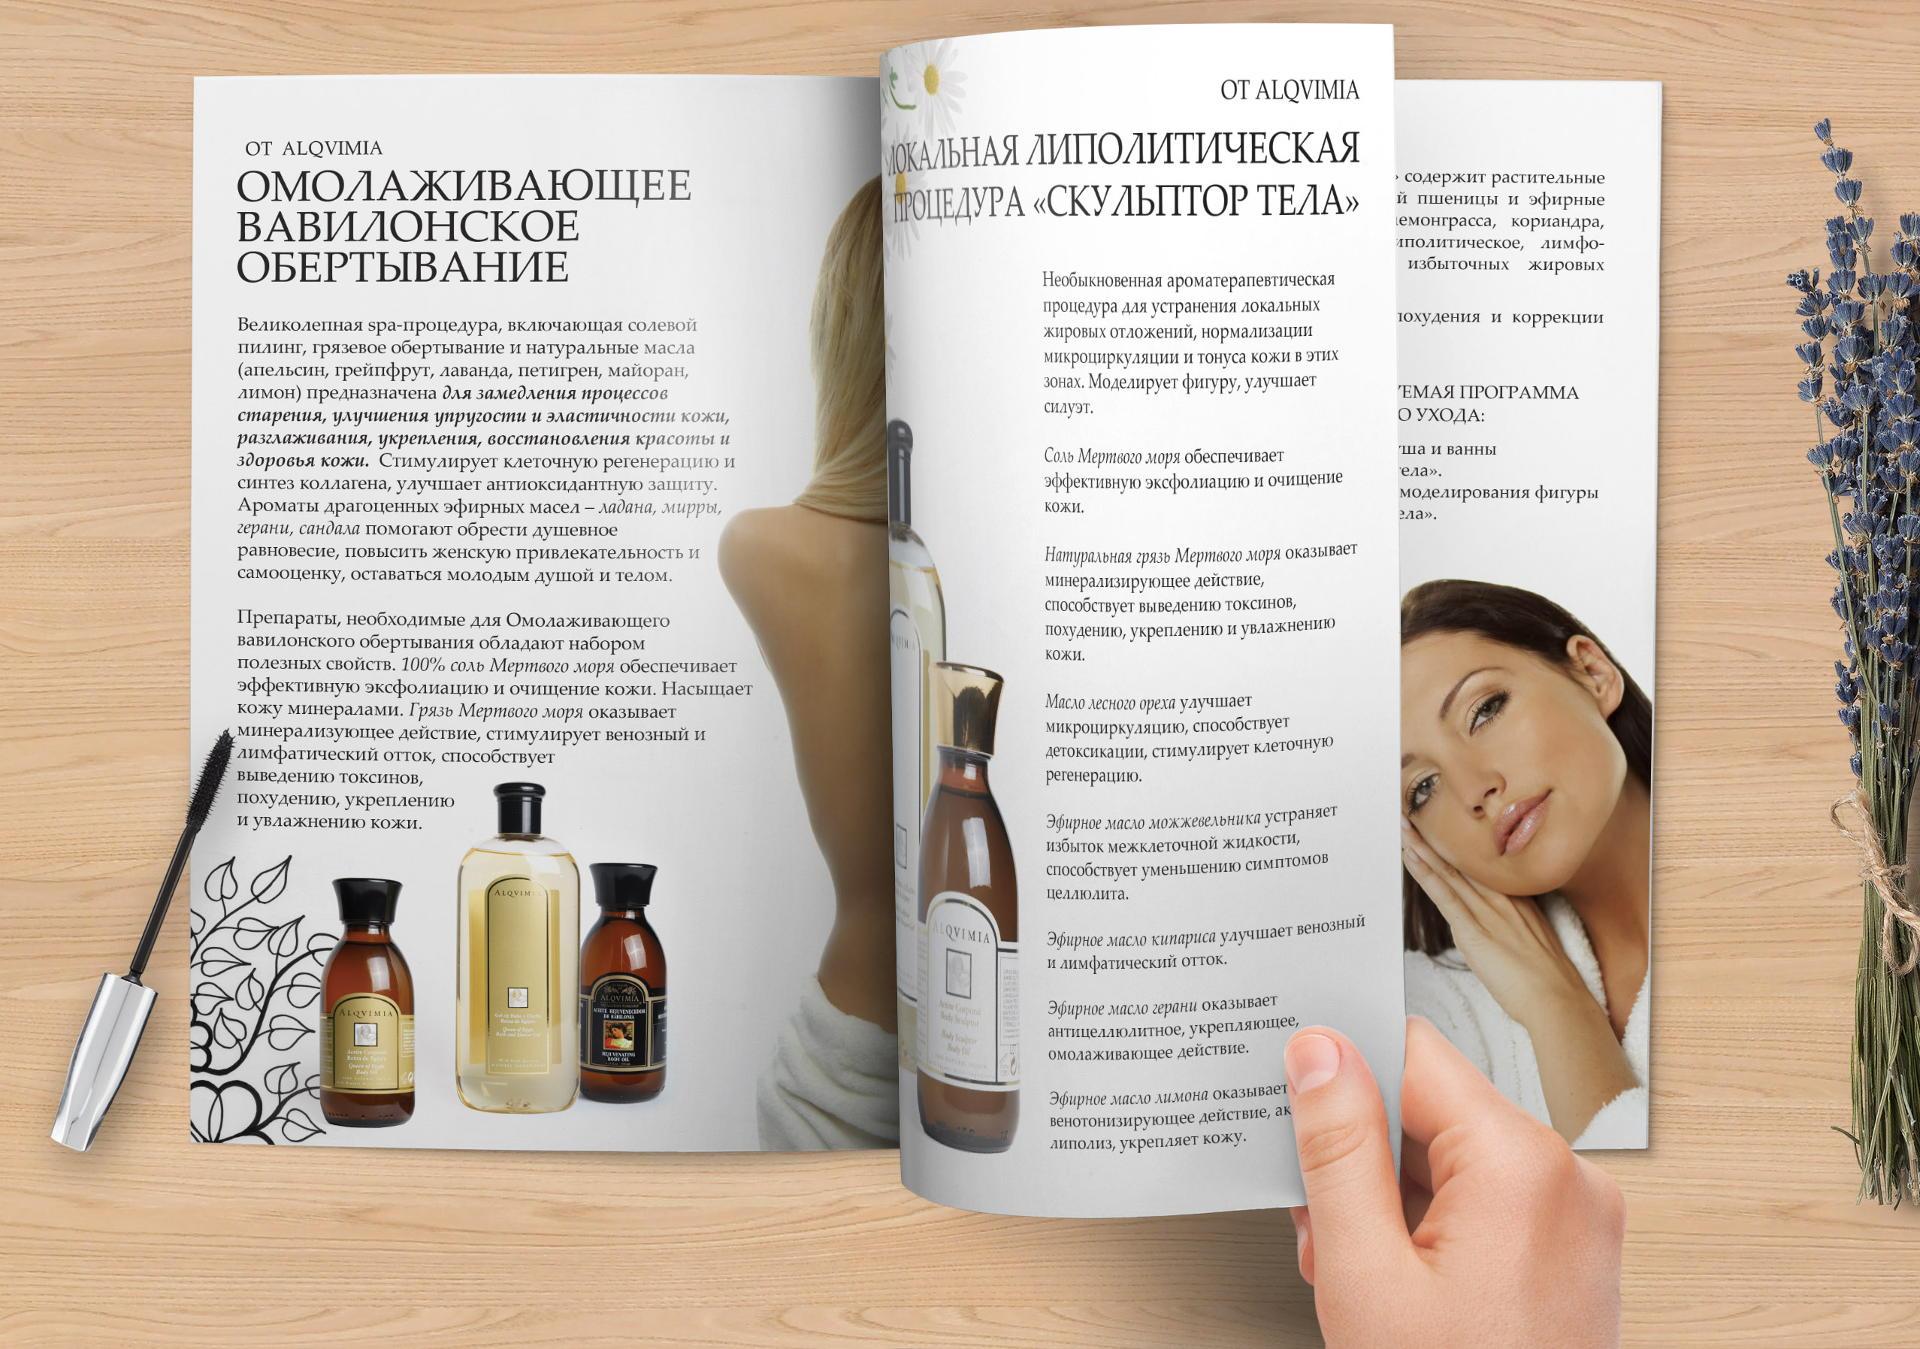 Дизайн журнала центра эстетической медицины, Aesthetic medical center magazine design